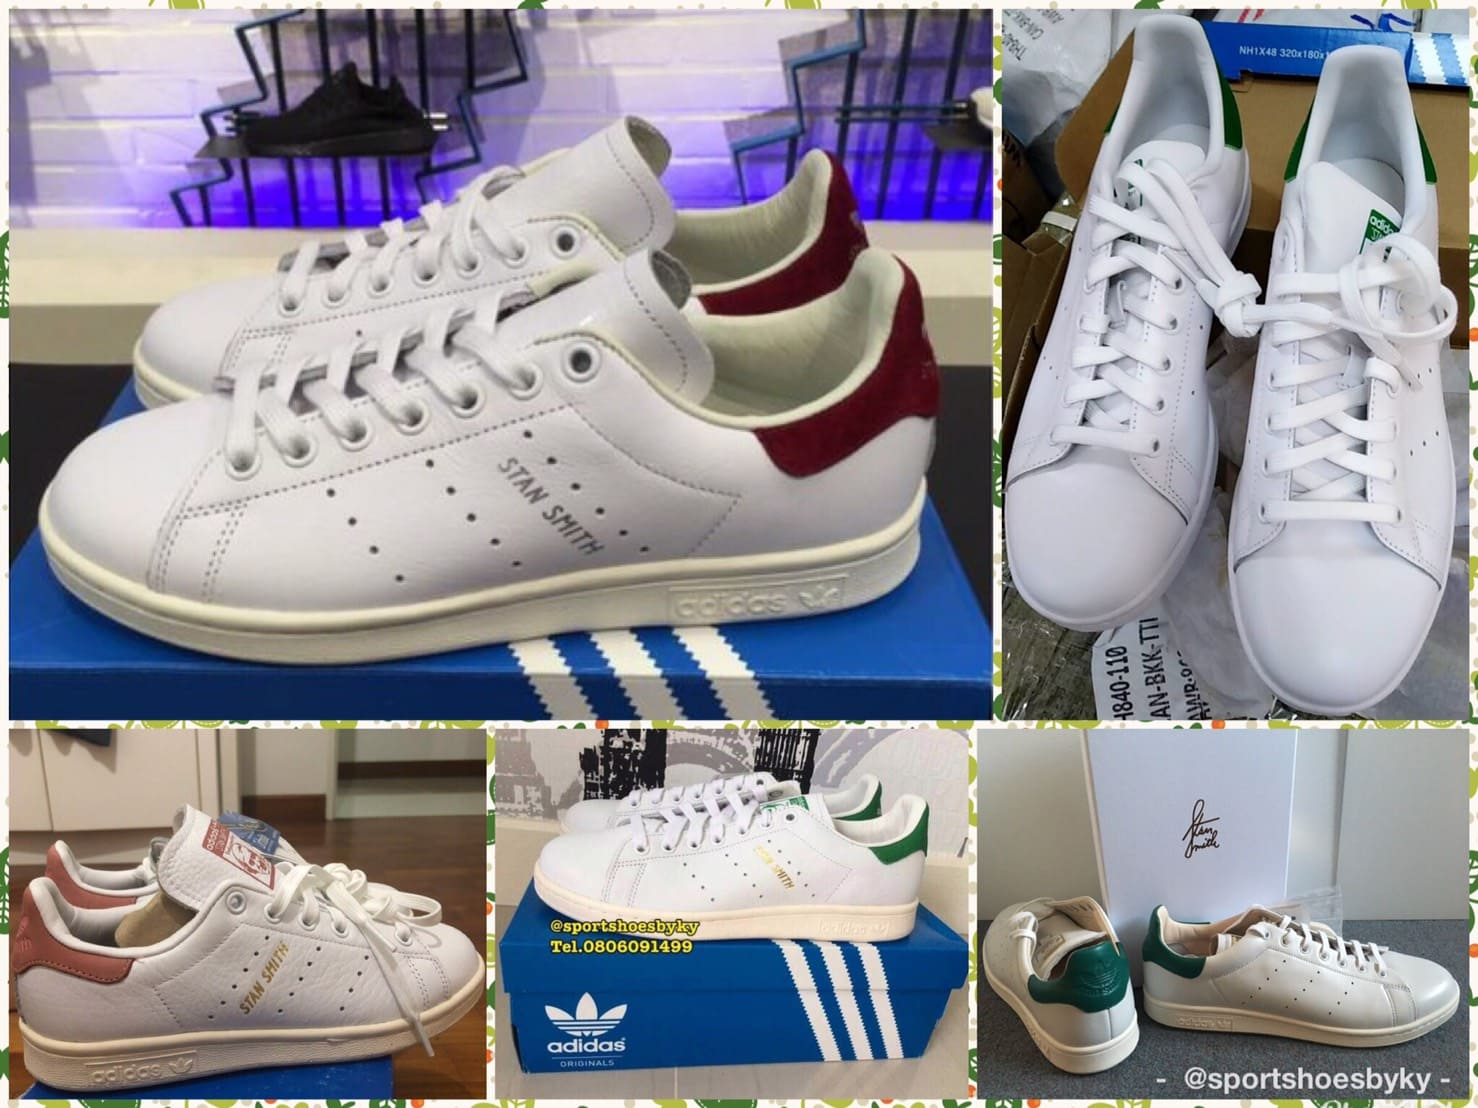 รองเท้า Adidas Stan Smith ของแท้ เช็คอย่างไร มีกี่สี กี่แบบ